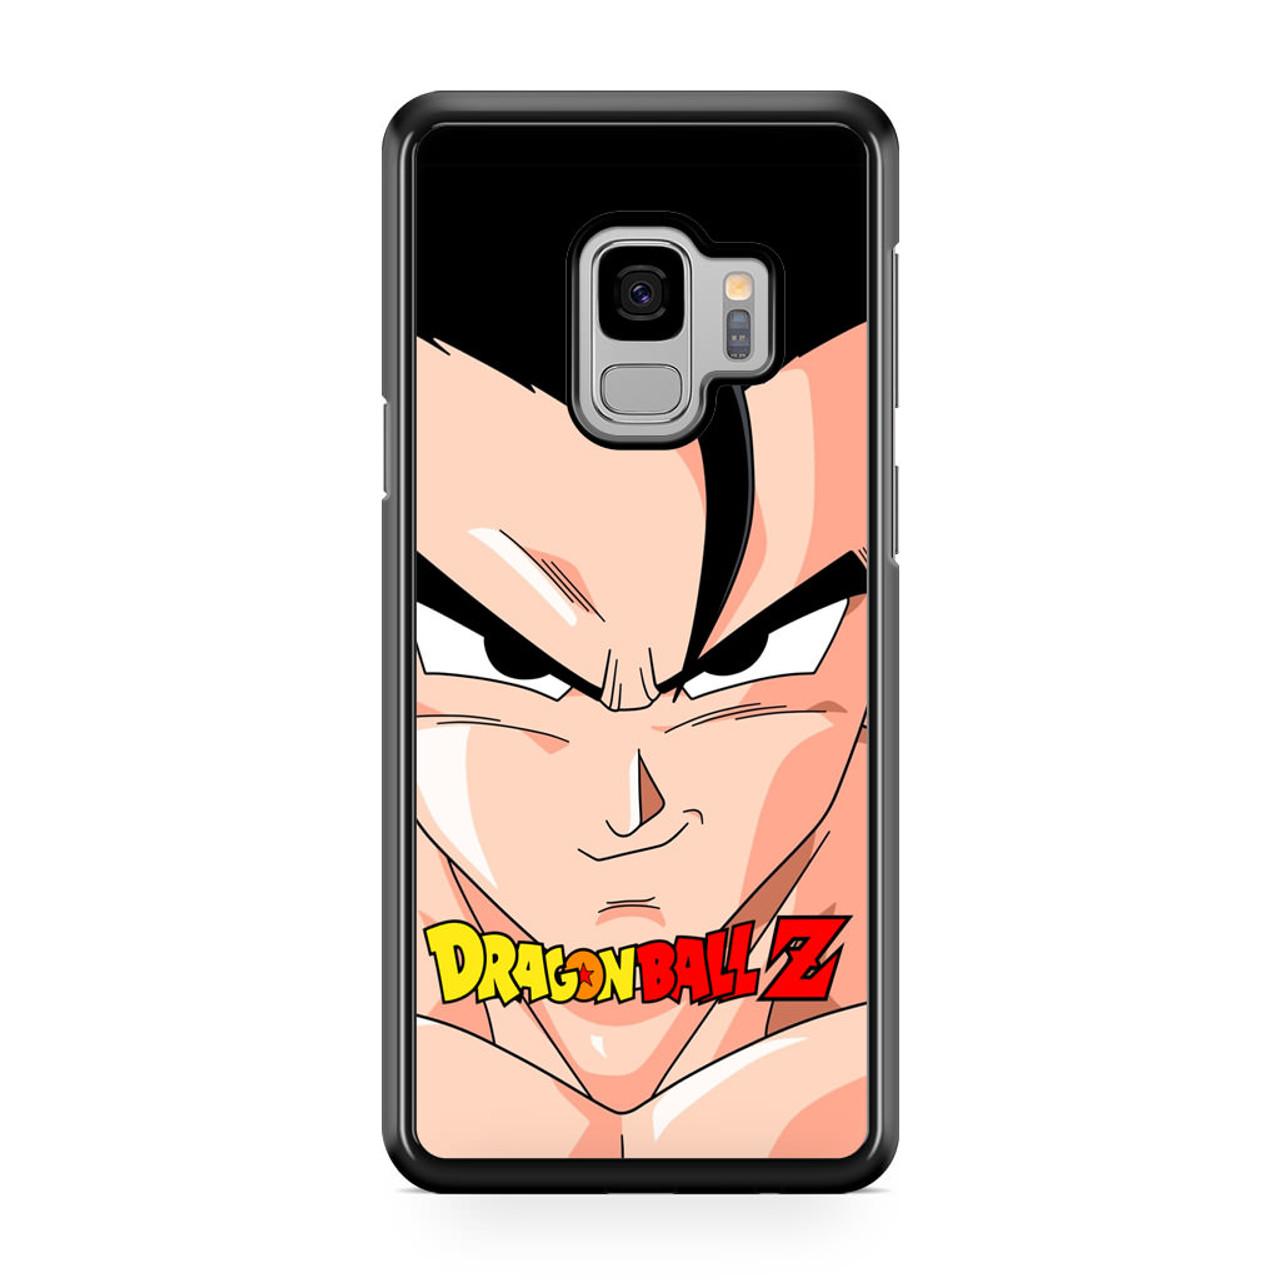 promo code 35b4a 43eed Dragon Ball Z Gohan Samsung Galaxy S9 Case